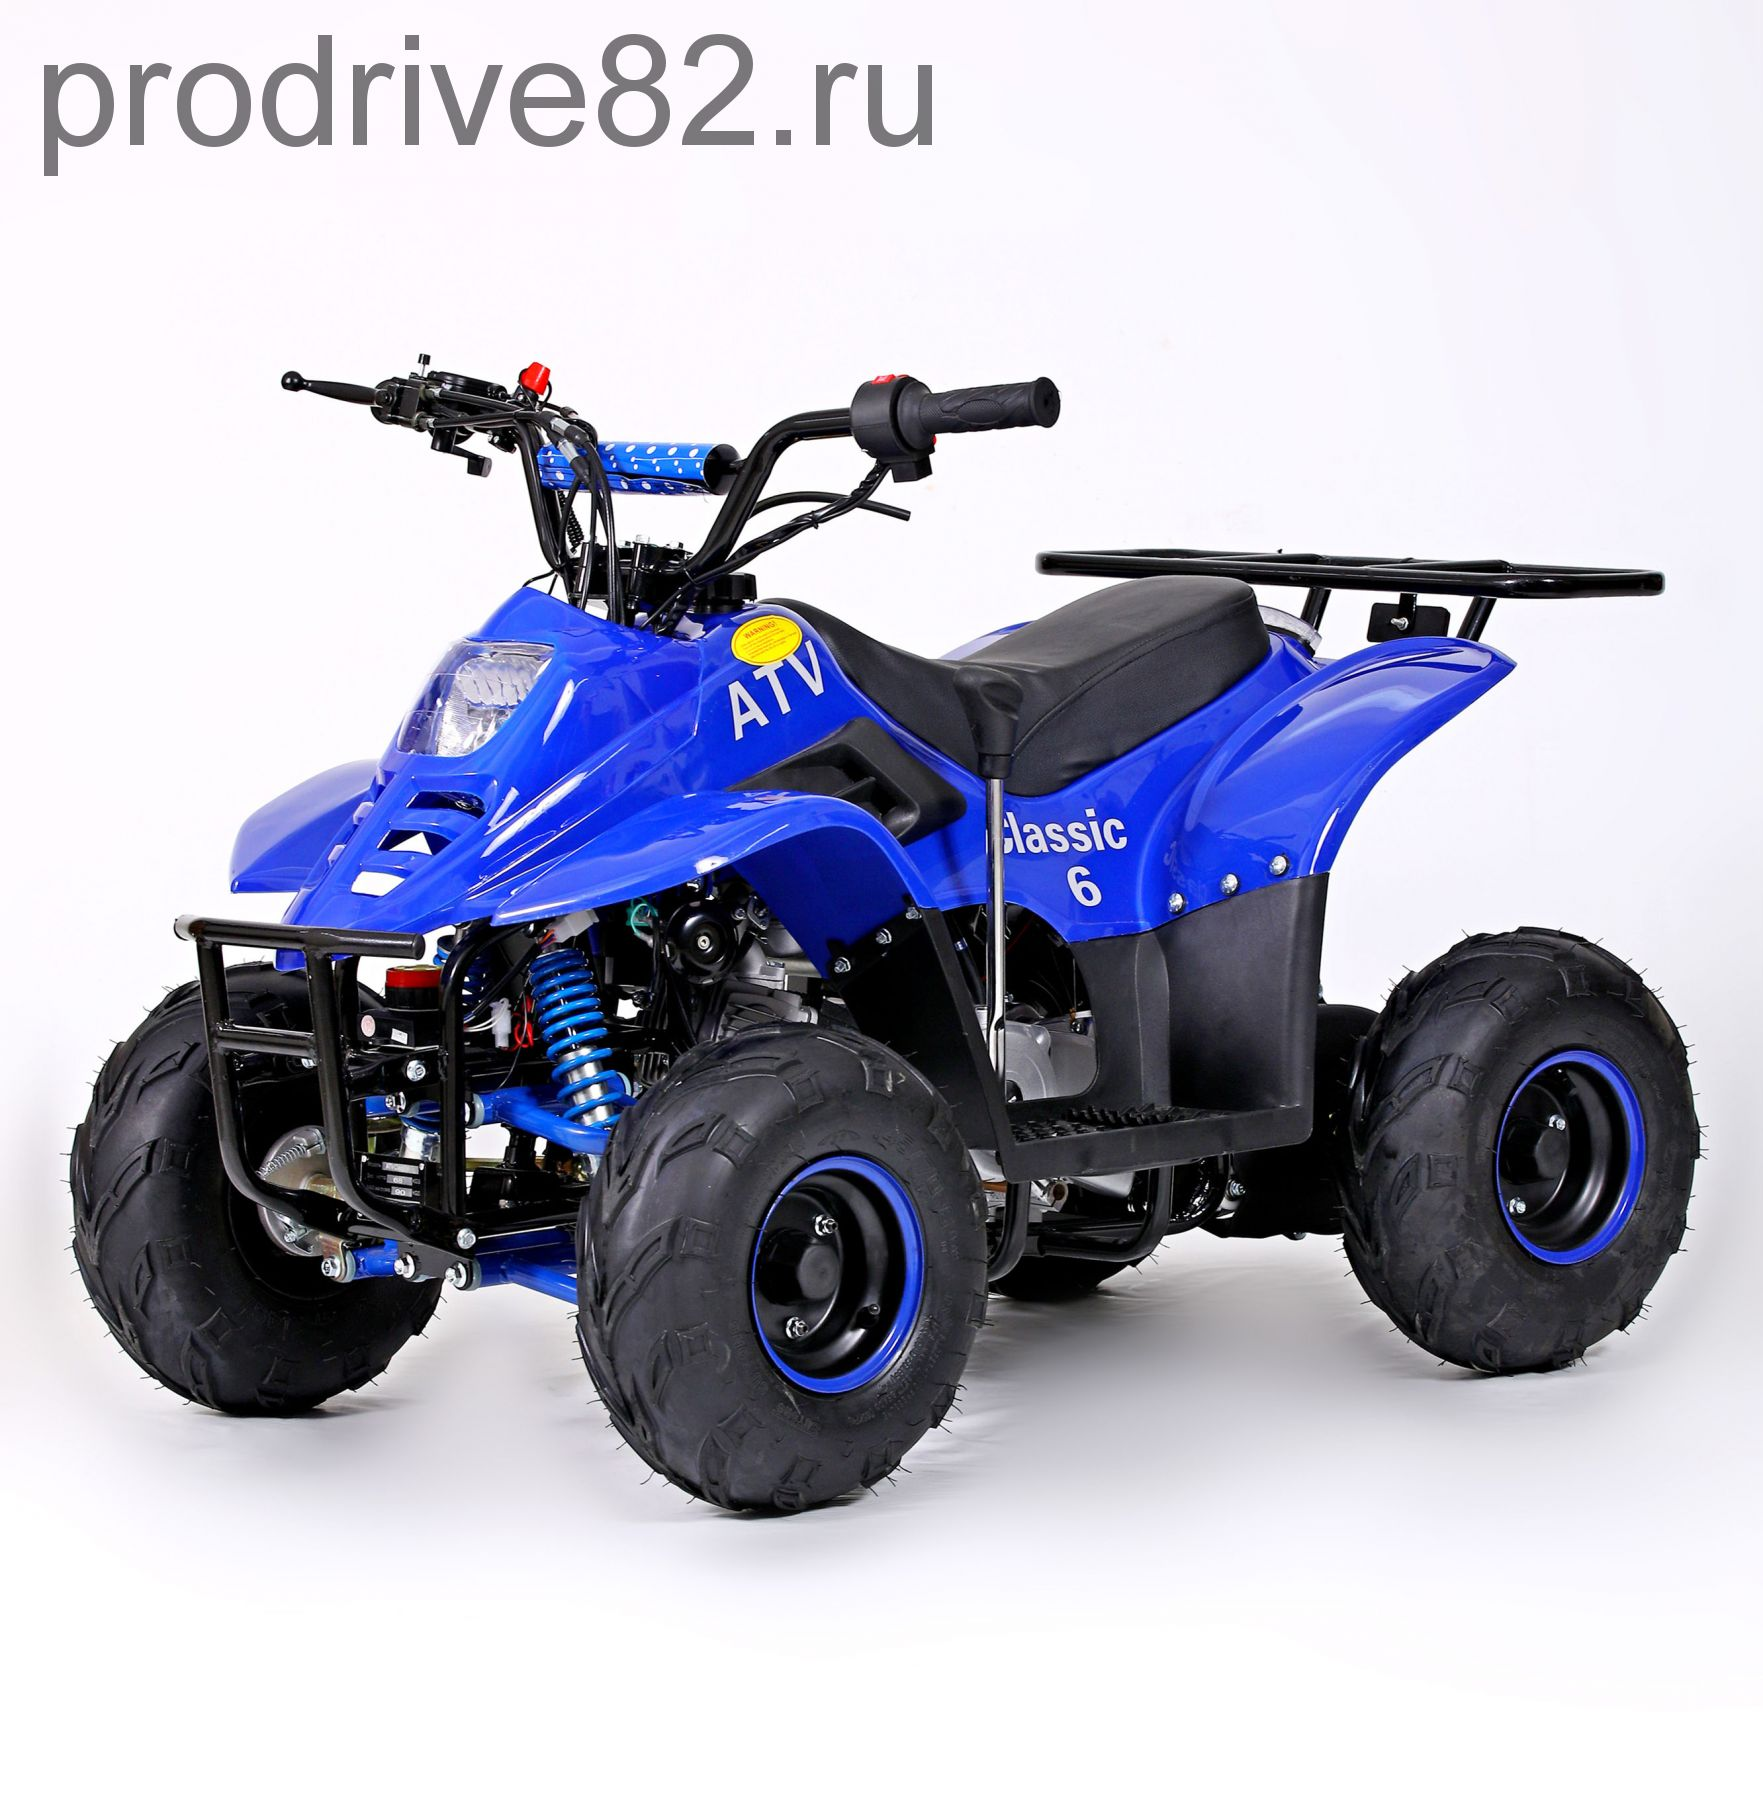 Avantis Classic 6 110 сс Квадроцикл бензиновый